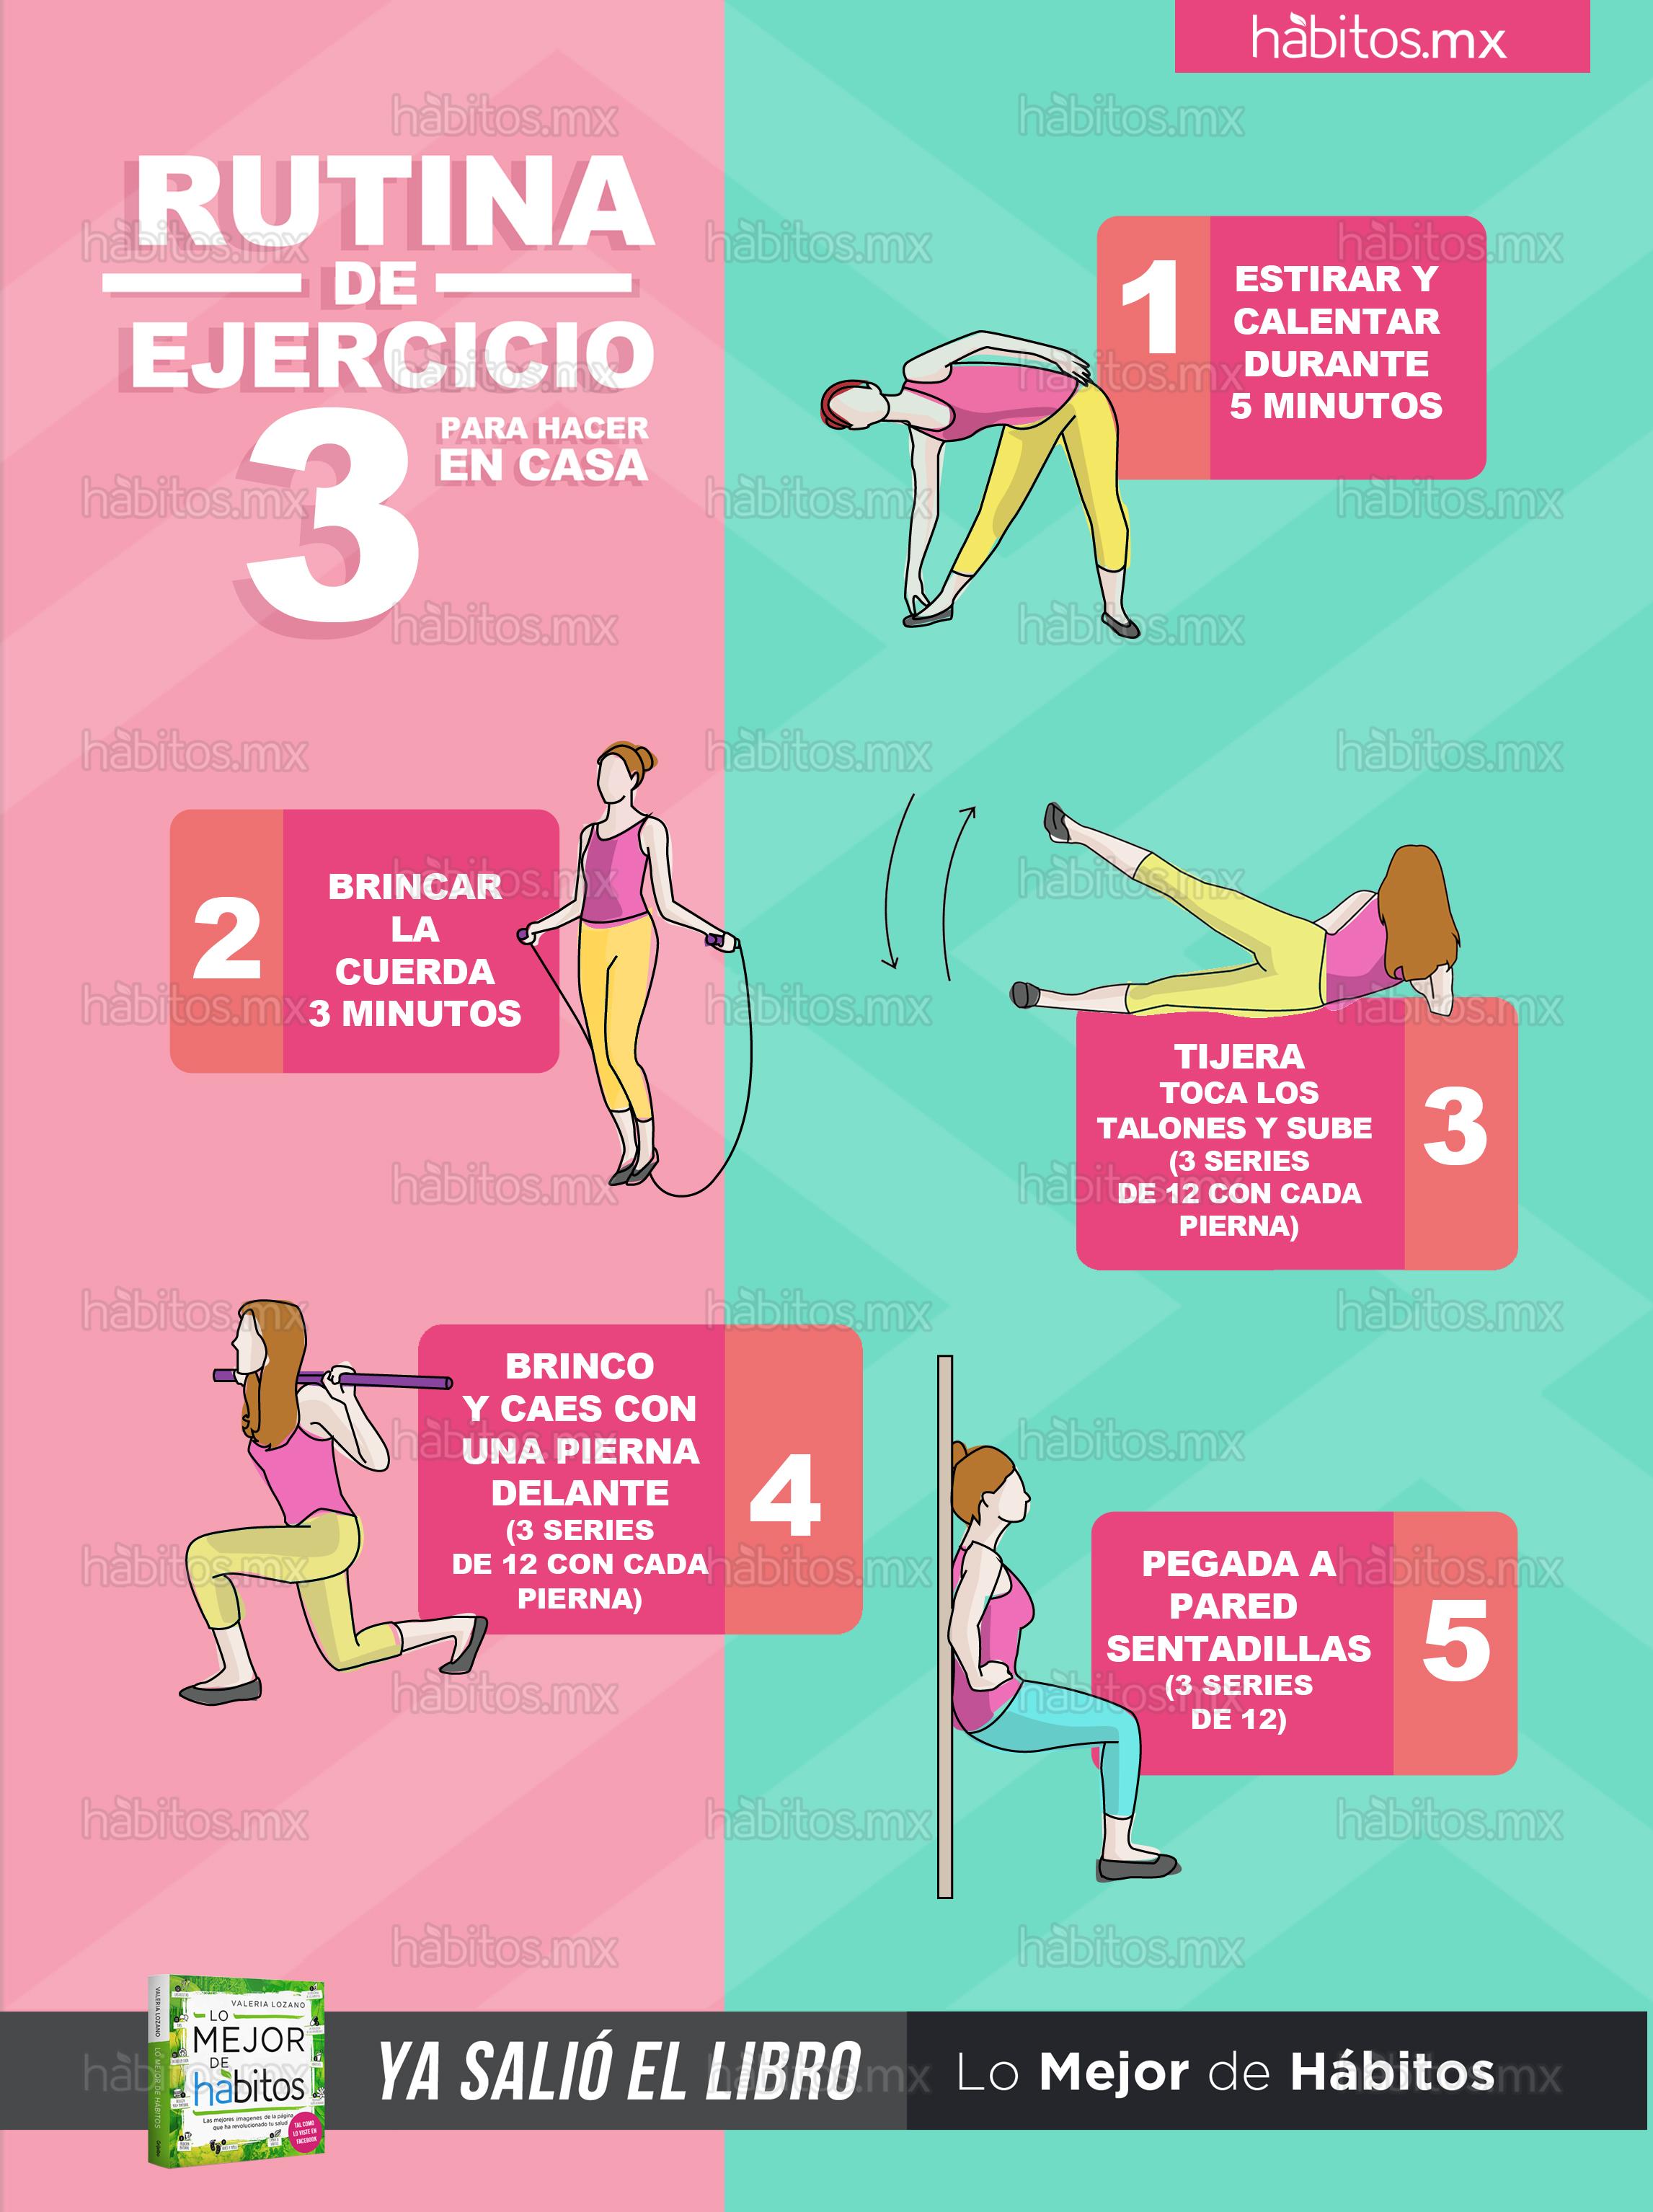 H bitos health coaching rutina de ejercicio 3 para hacer en casa - Aplicaciones para hacer ejercicio en casa ...